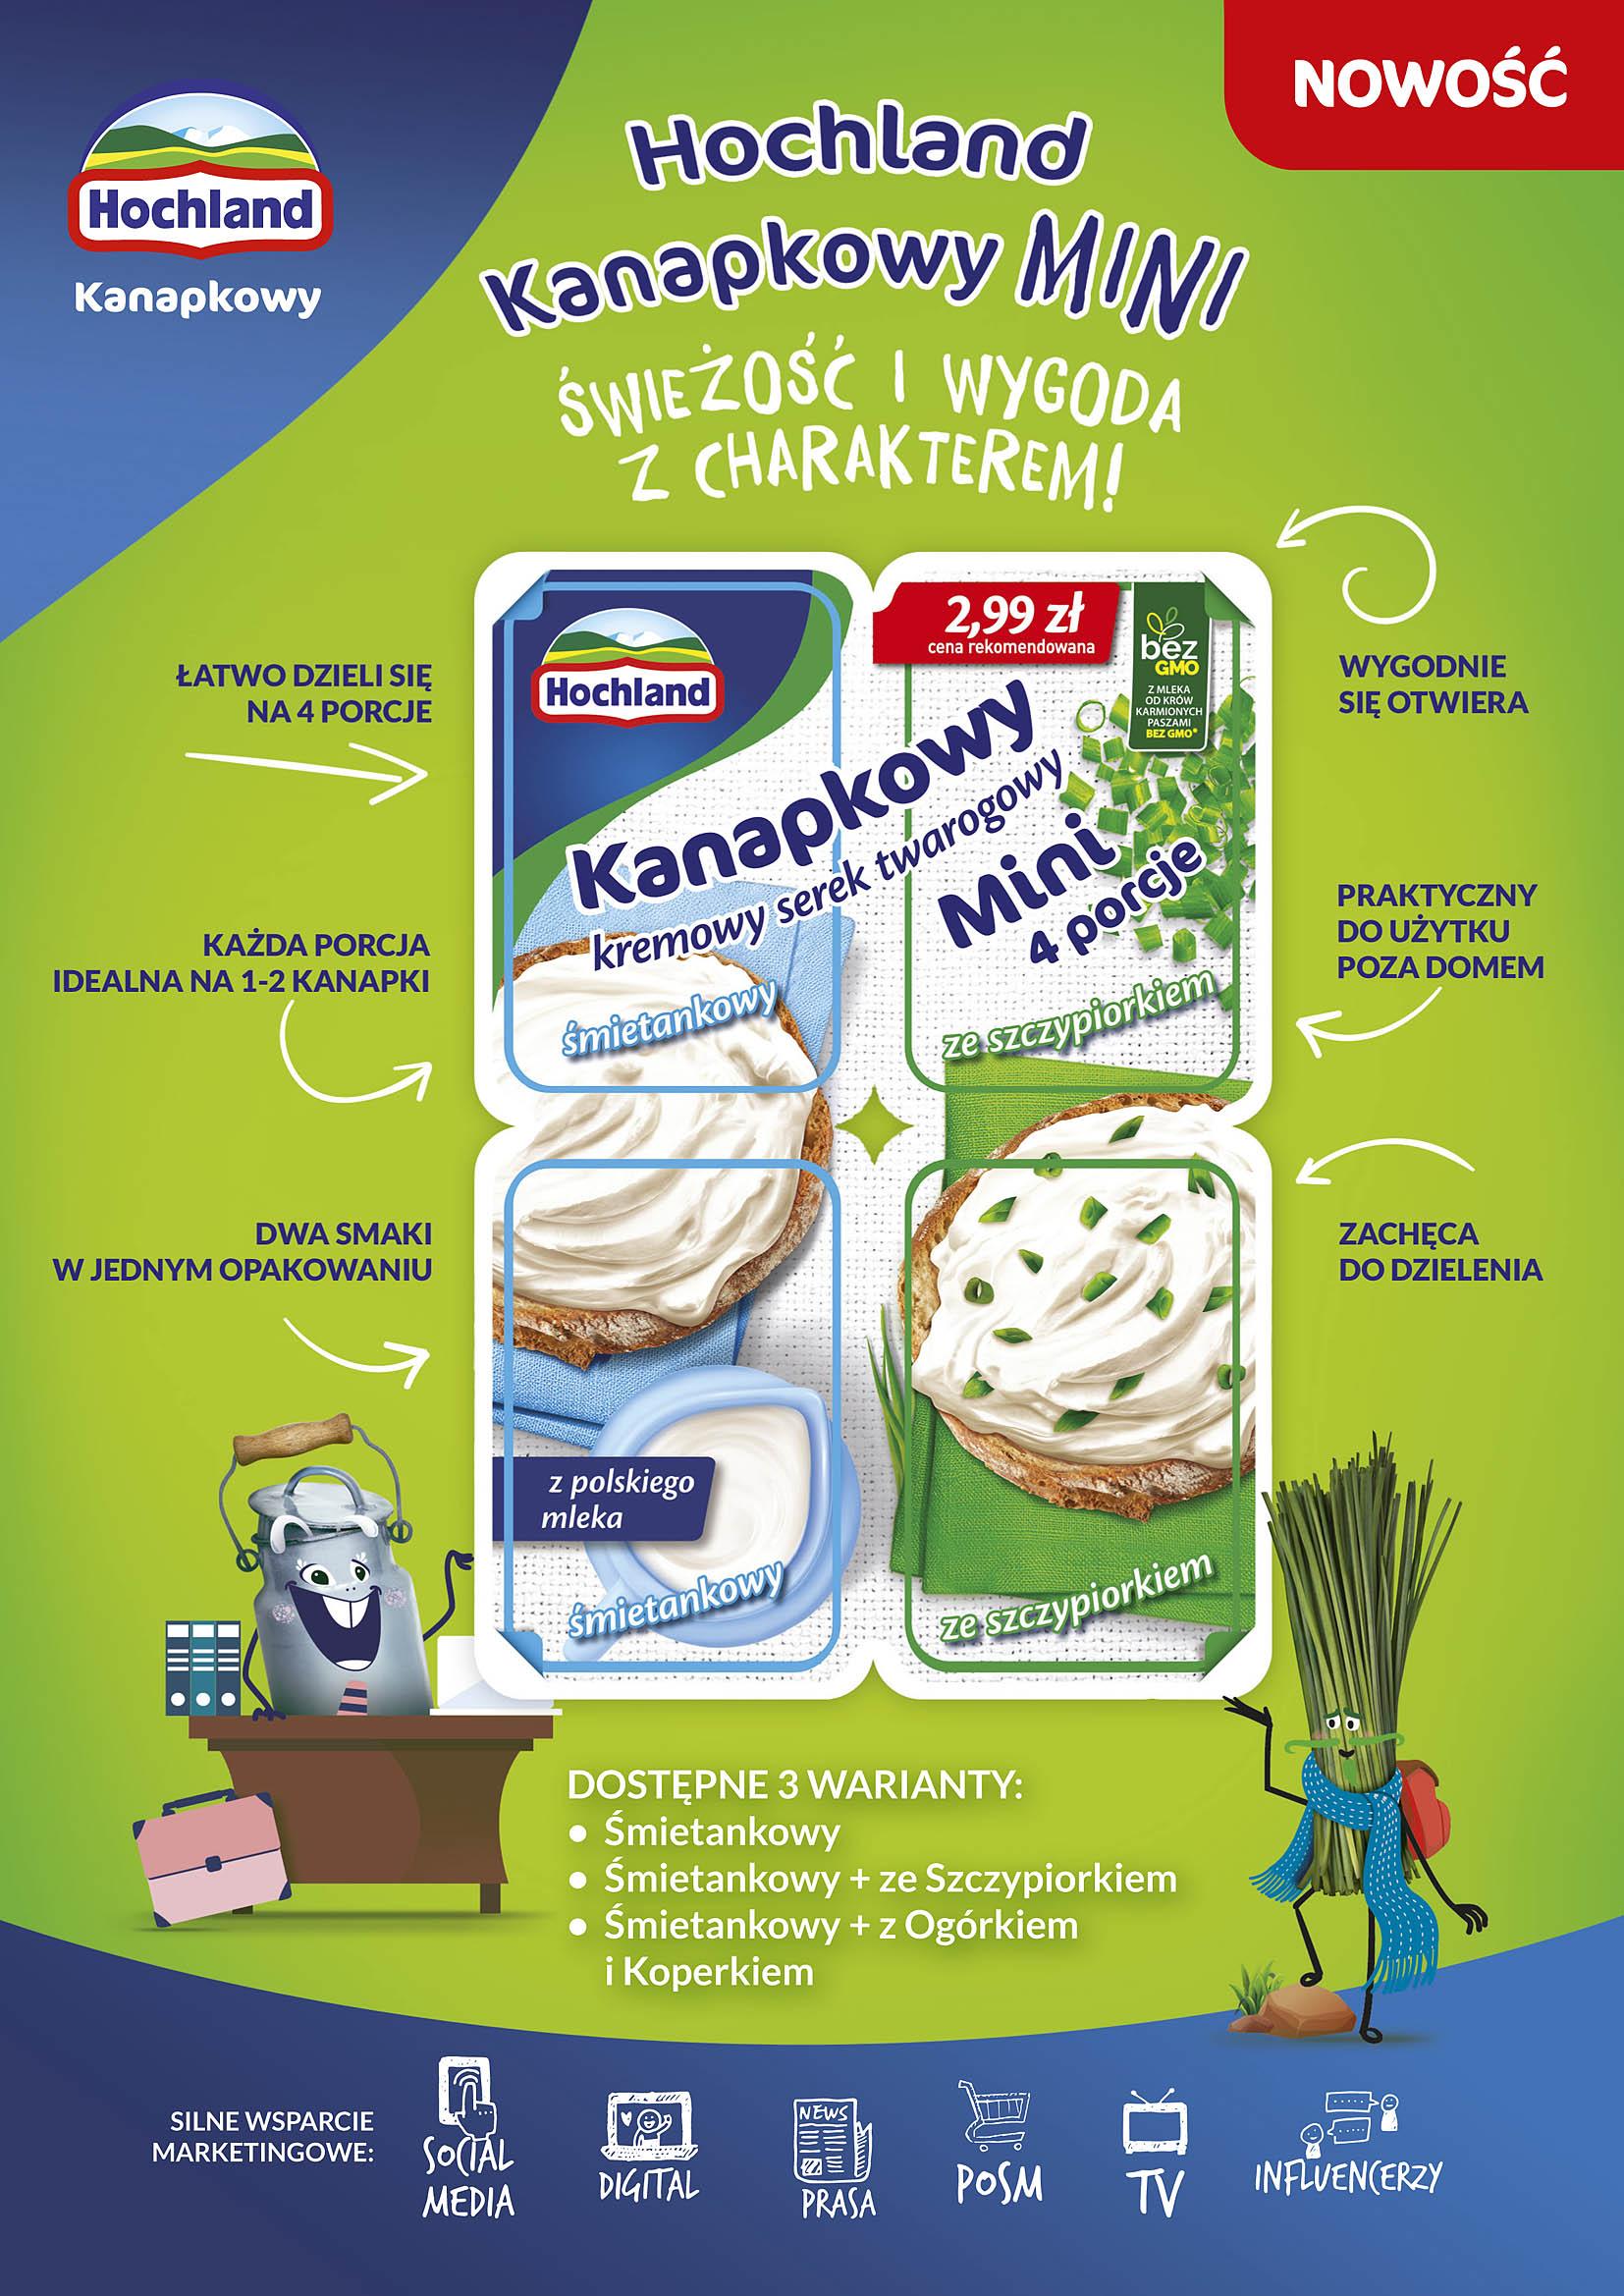 Hochland Kanapkowy – od teraz w internecie